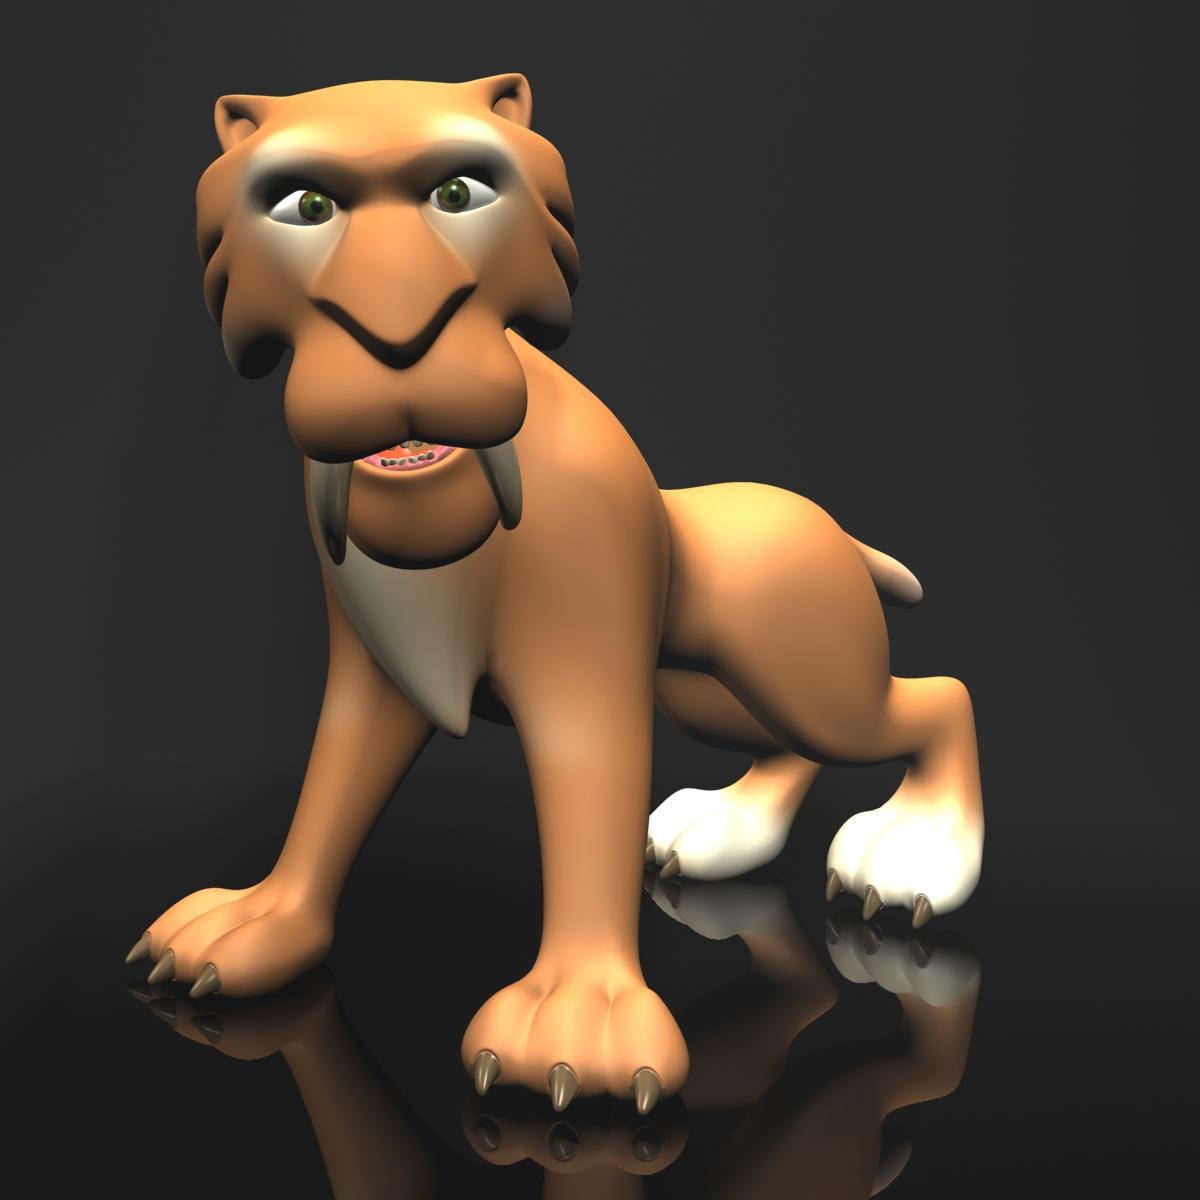 cartoon sabertooth tigër manipuluar 3d model 3ds max fbx obj 214099